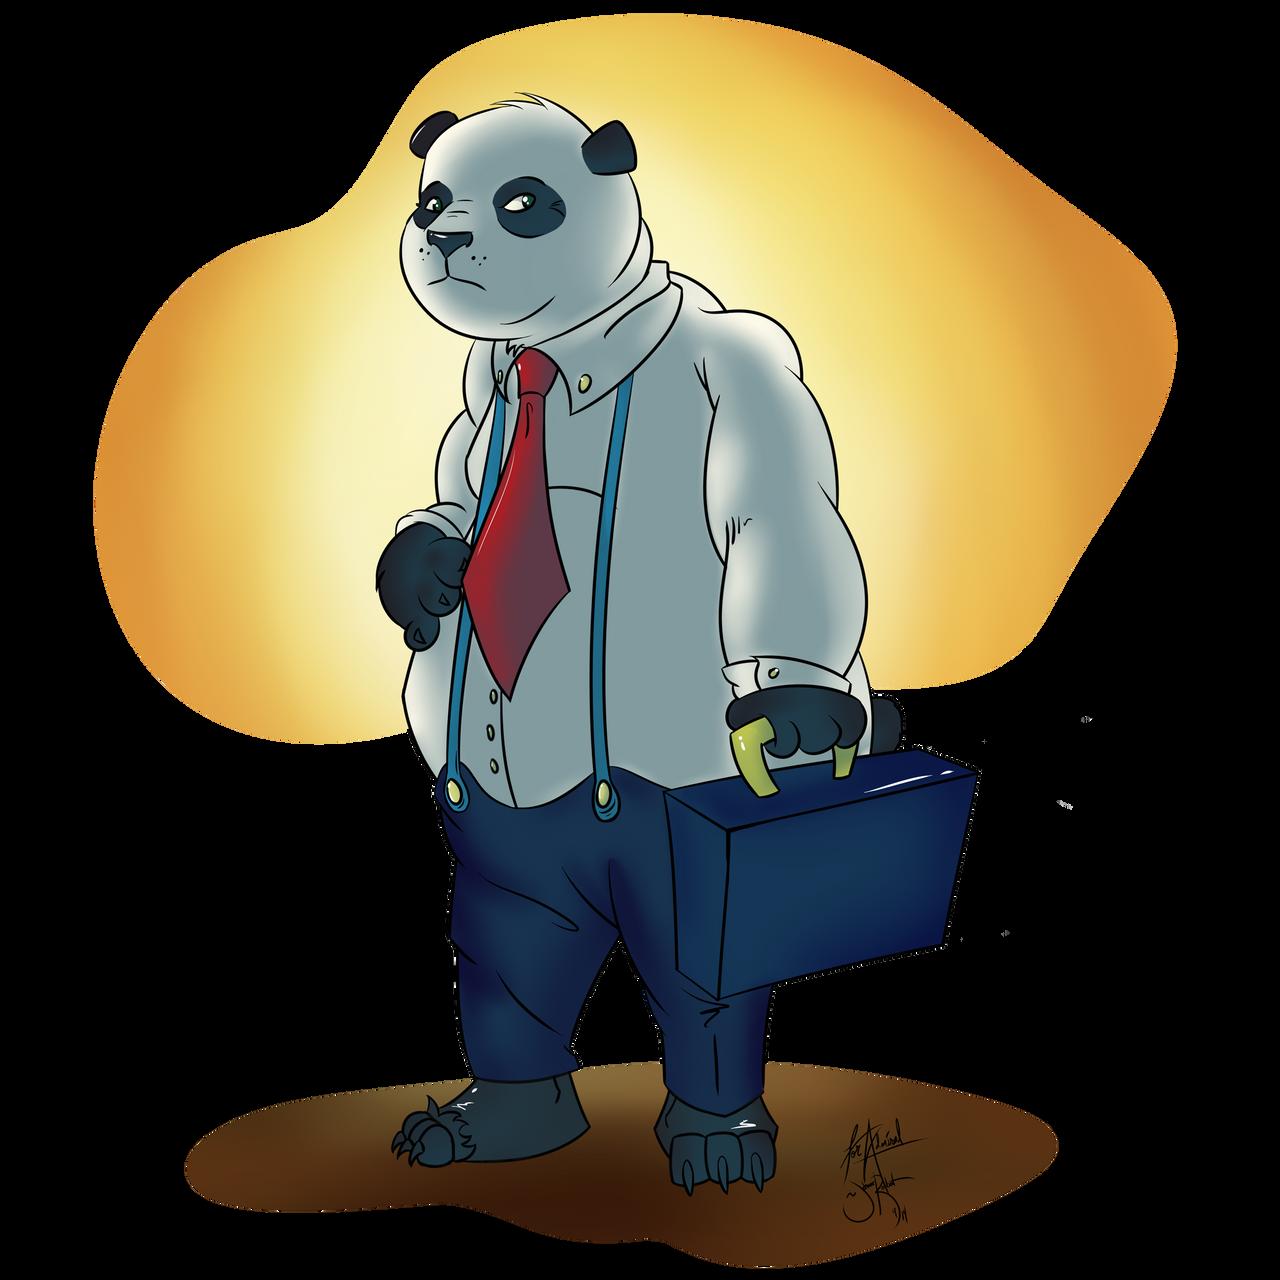 Panda in a Suit by Johansrobot